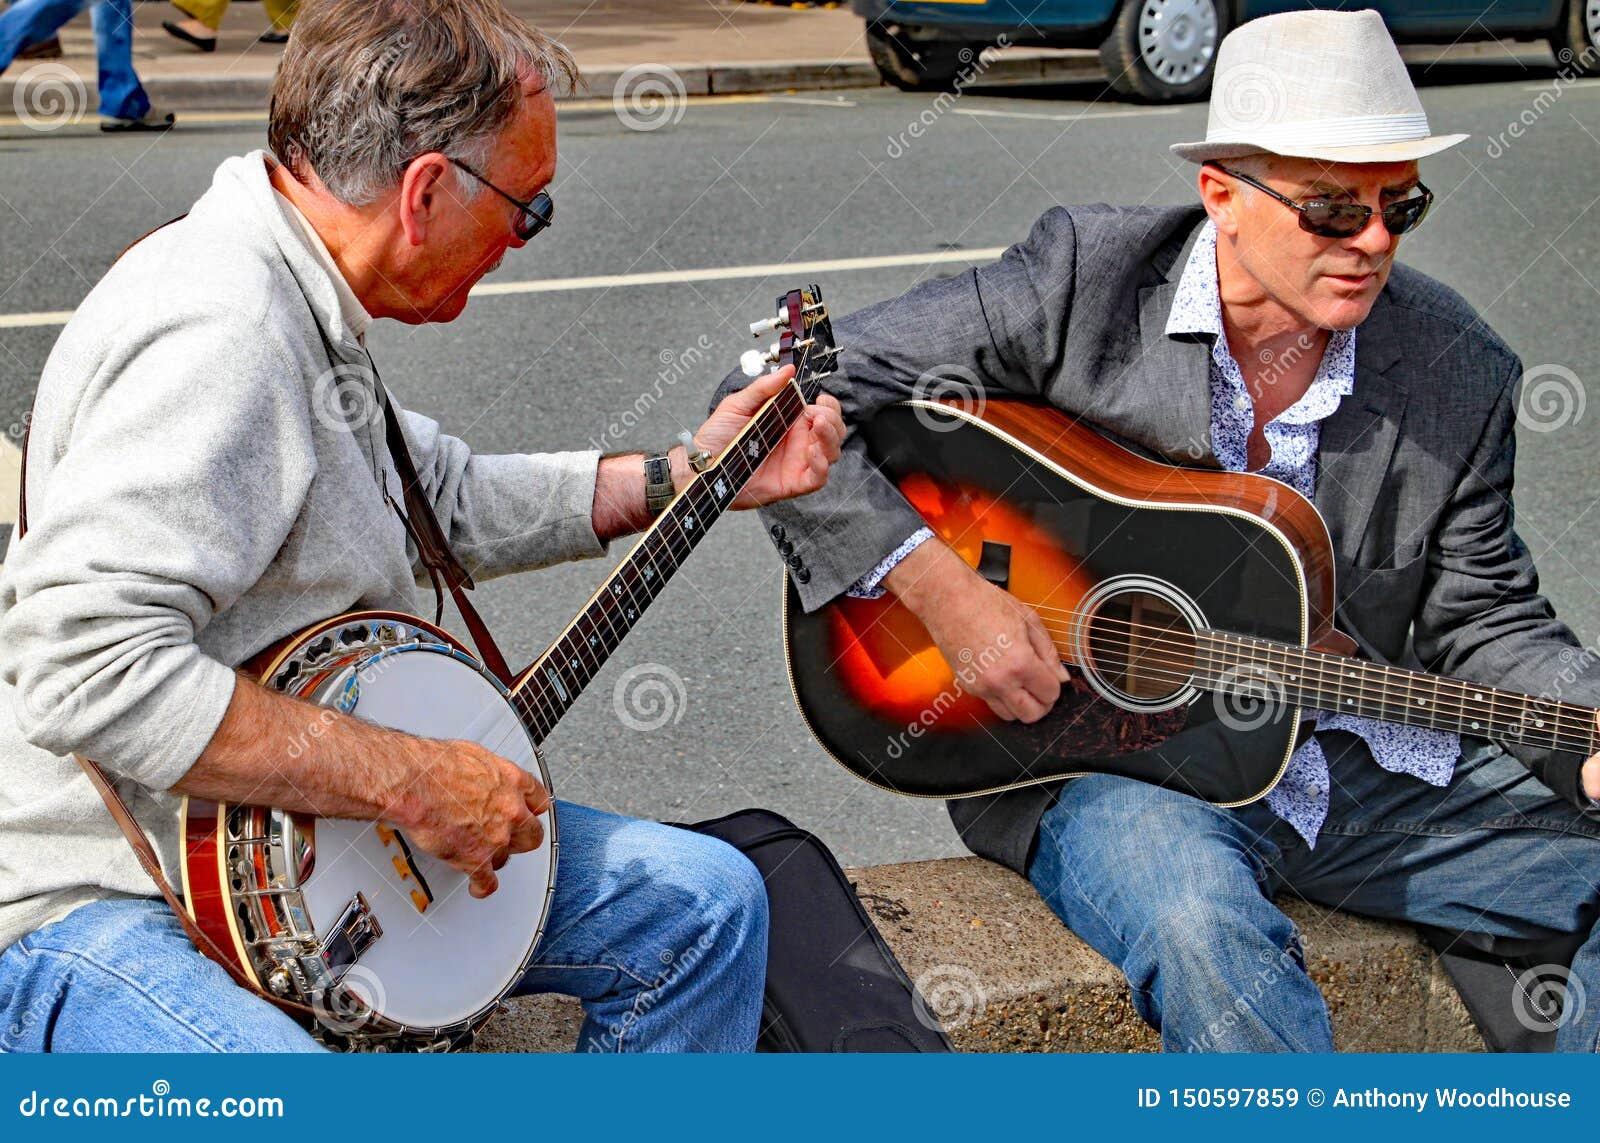 SIDMOUTH, DEVON, INGLATERRA - 8 DE AGOSTO DE 2012: Dos hombres tocan una guitarra y un banjo en un funcionamiento improvisado de